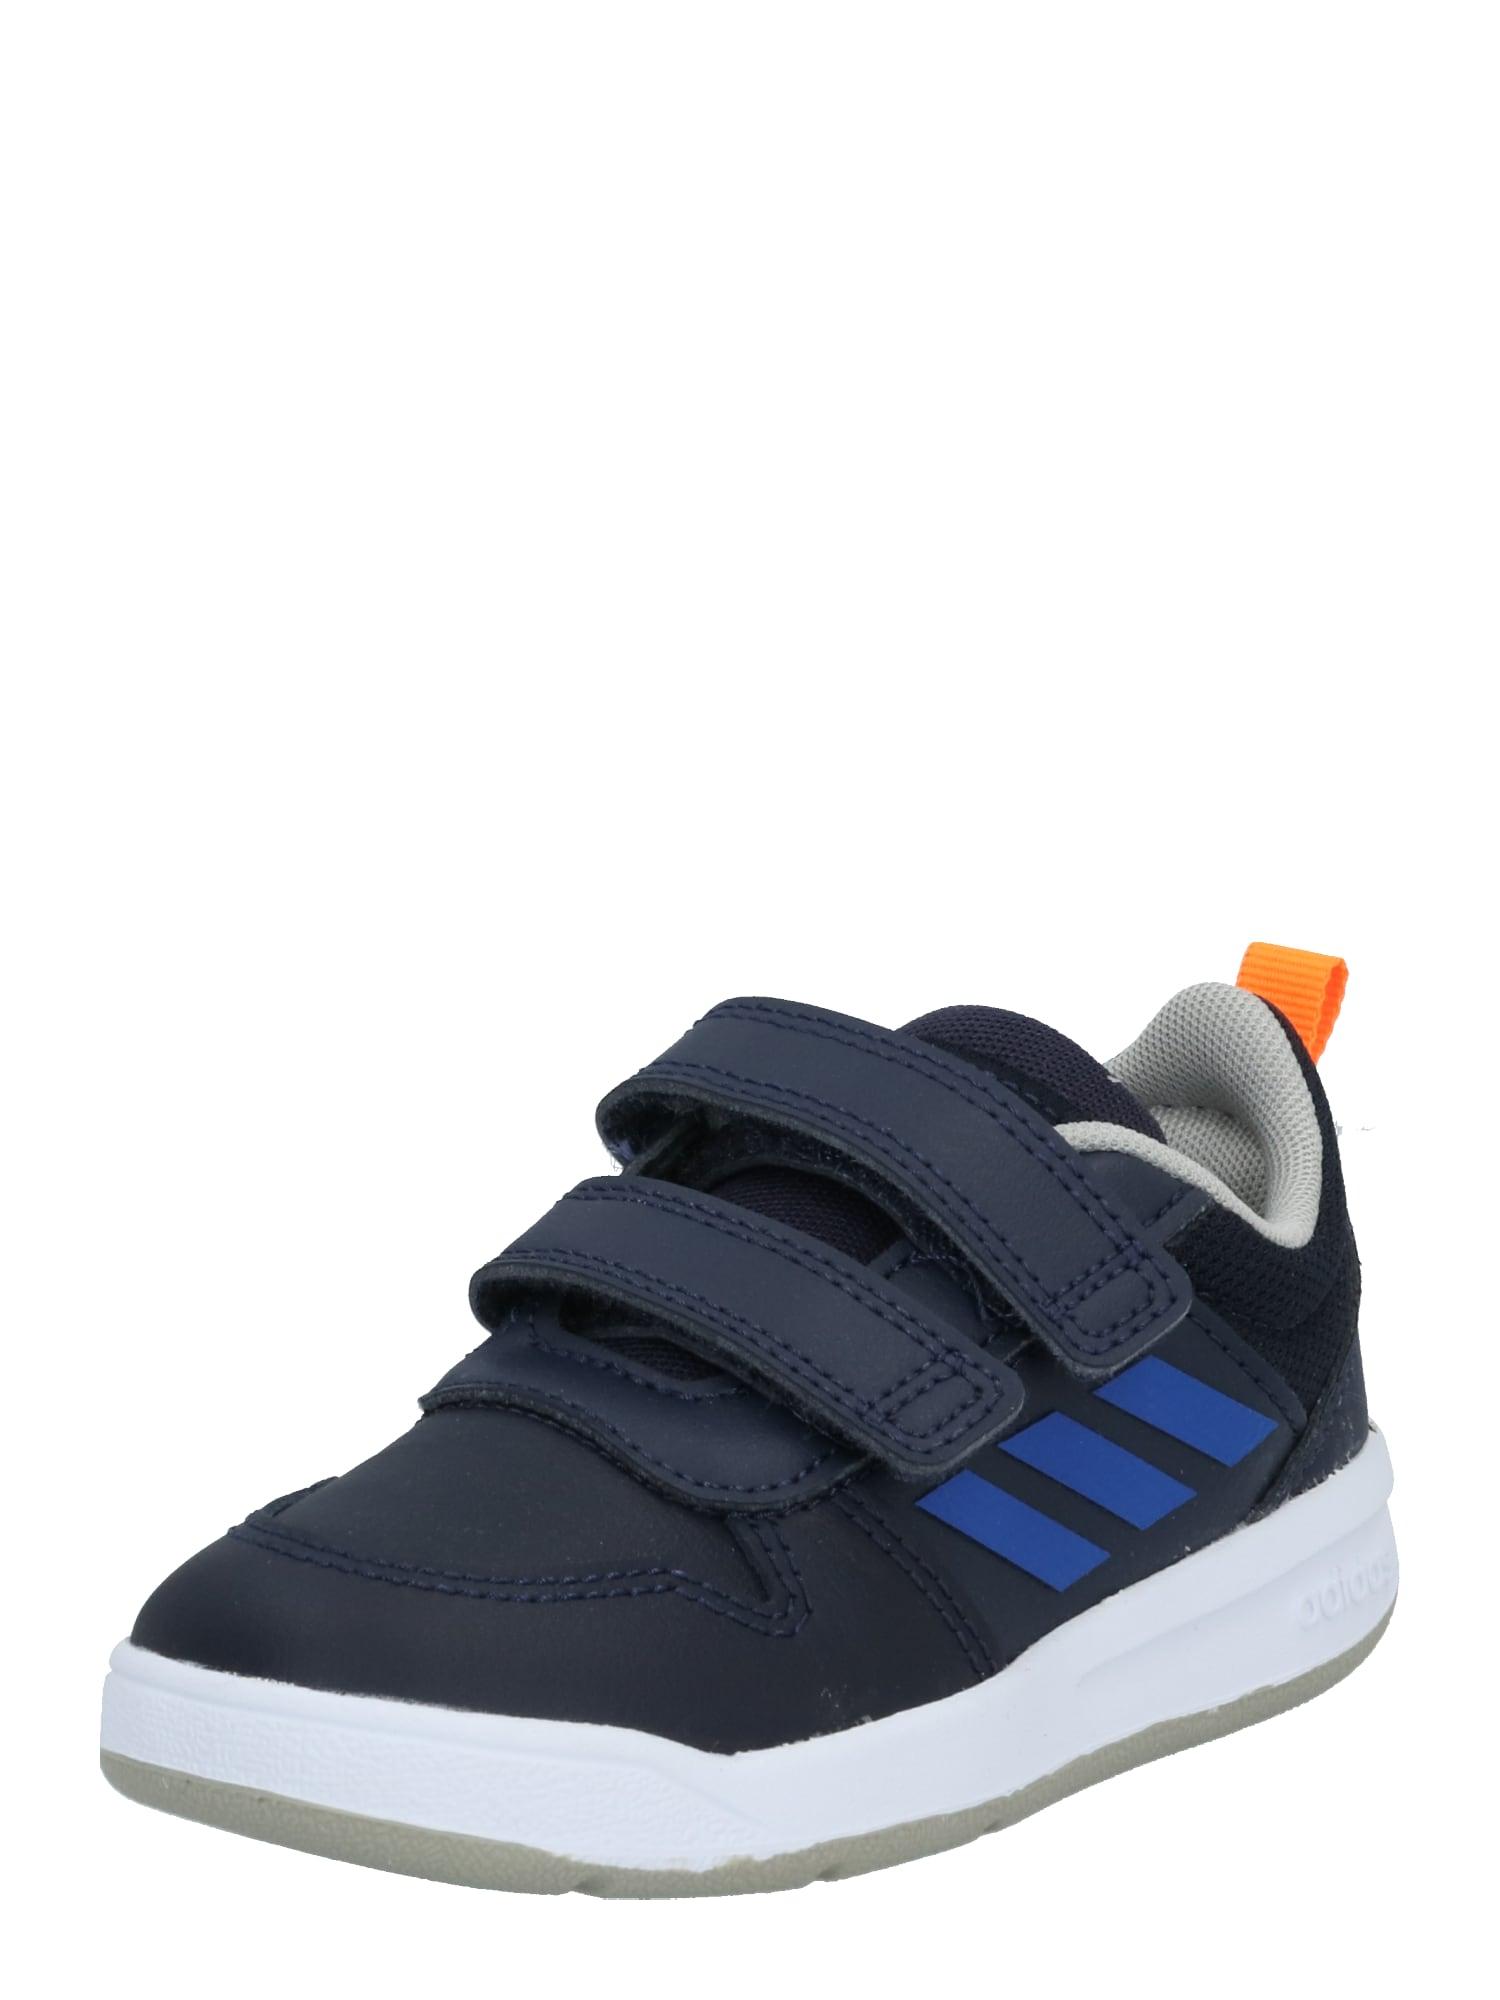 ADIDAS PERFORMANCE Sportovní boty 'TENSAUR I'  modrá / tmavě modrá / oranžová